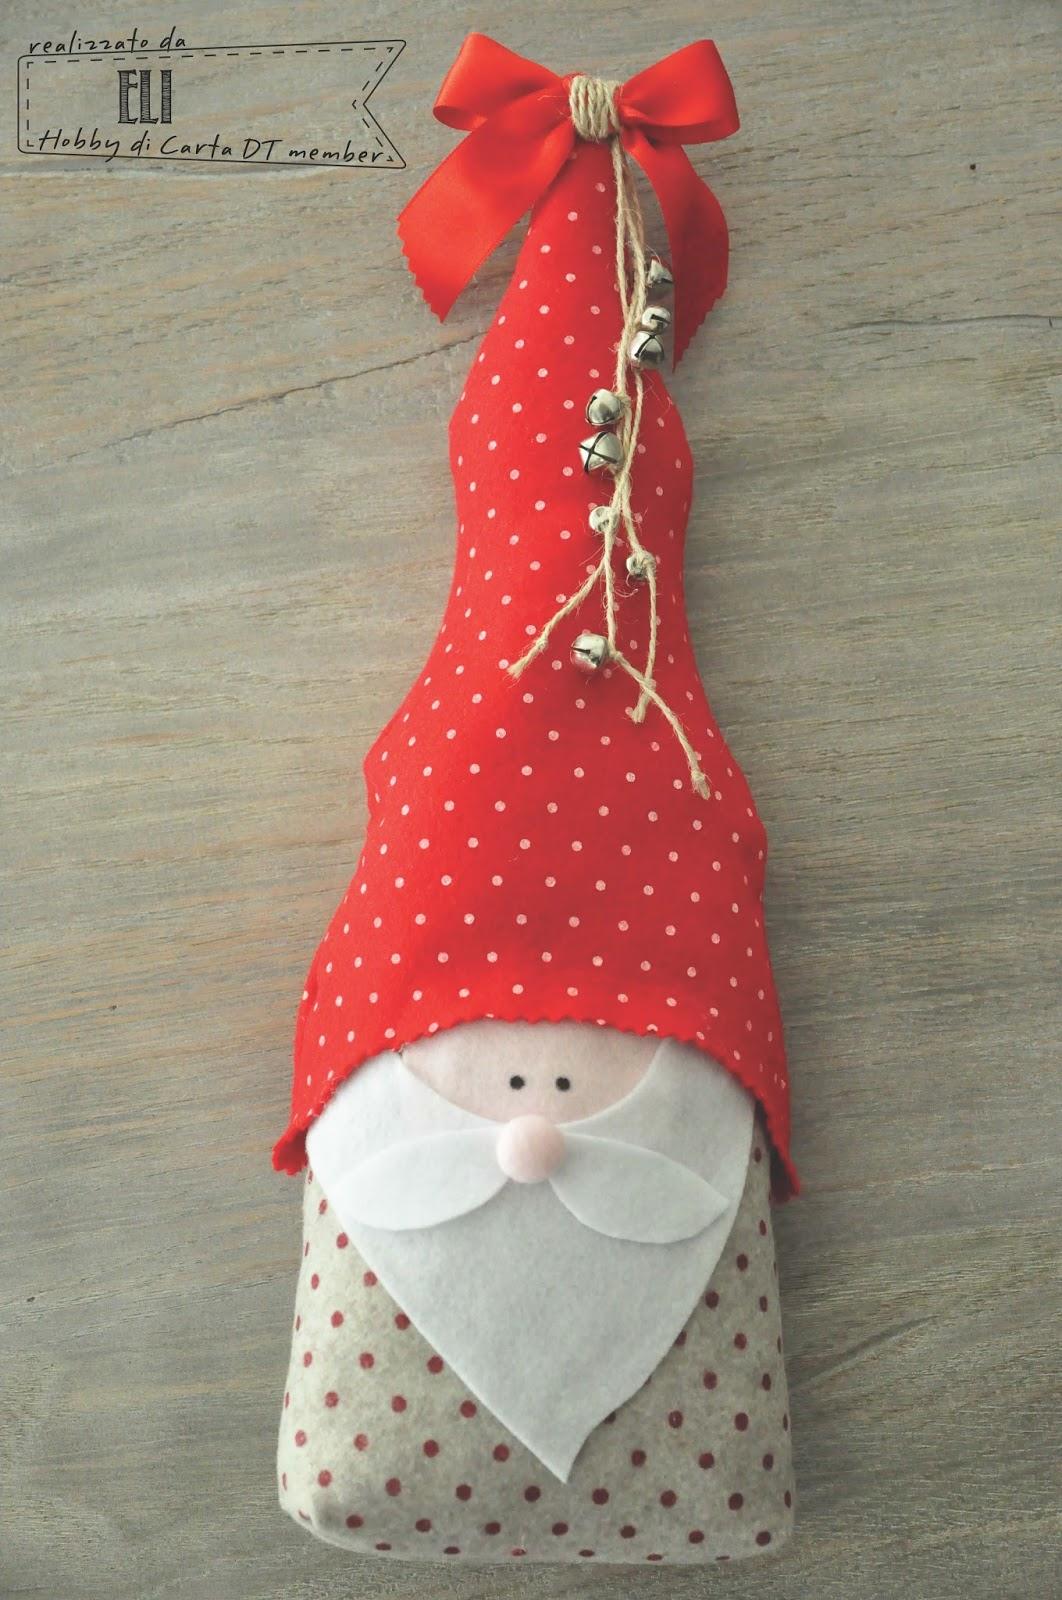 Favorito Hobby di Carta - Il blog: Babbo Natale è già qui! RX28